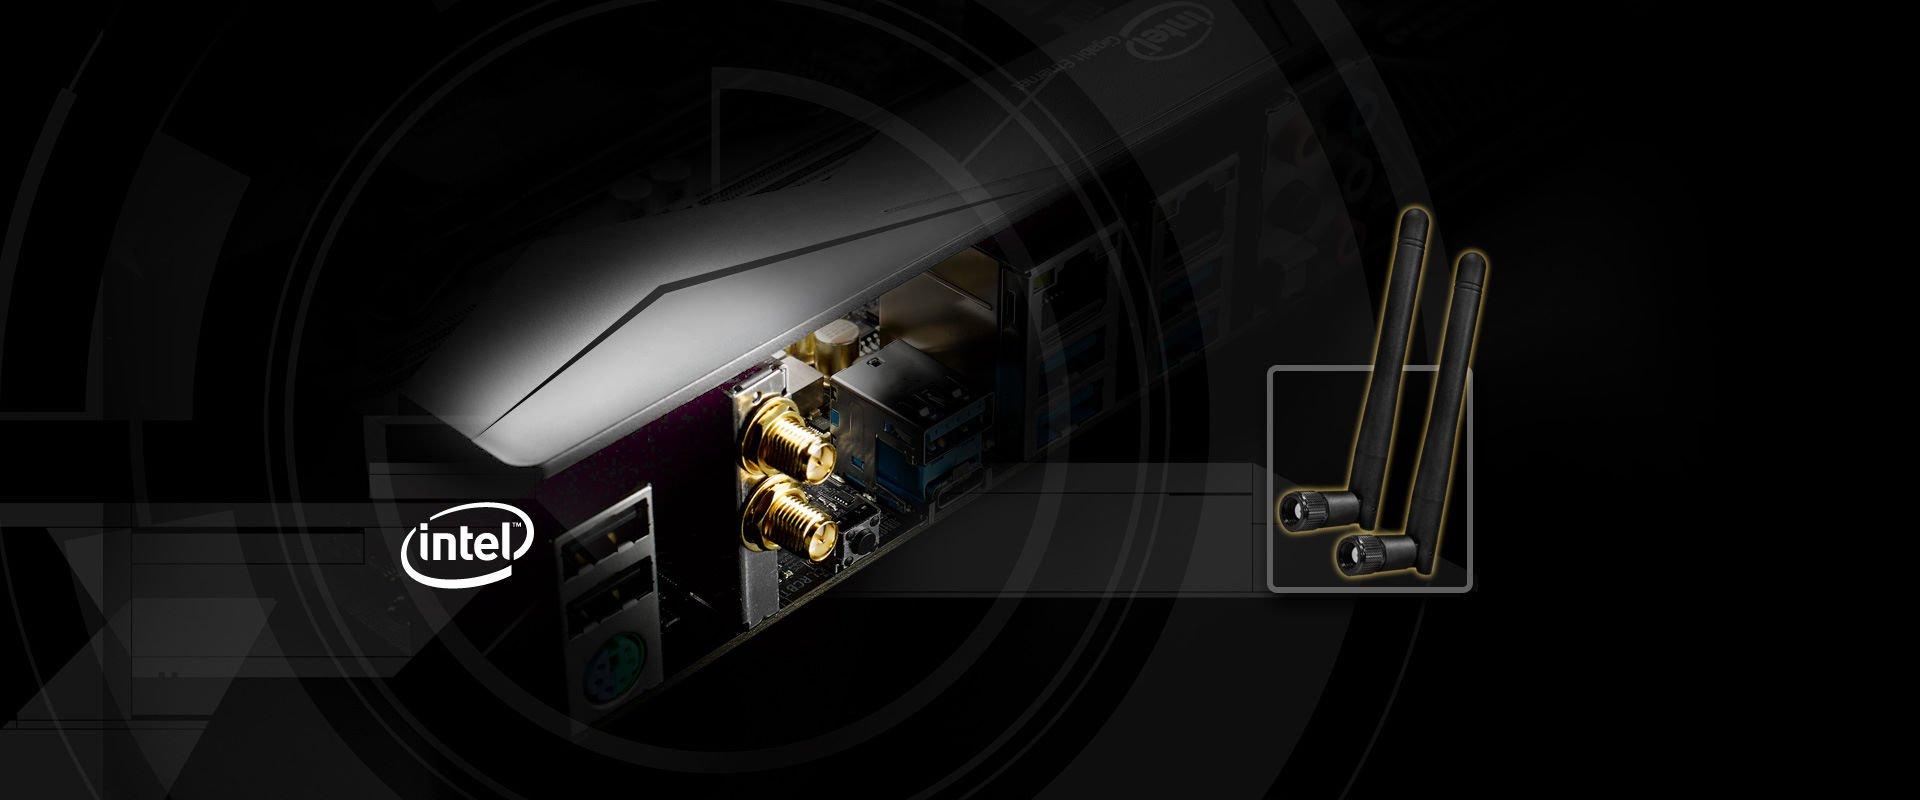 Asrock Z370 Killer Sli Ac Hdmi Pinout Diagram Dual Band 80211ac Wifi